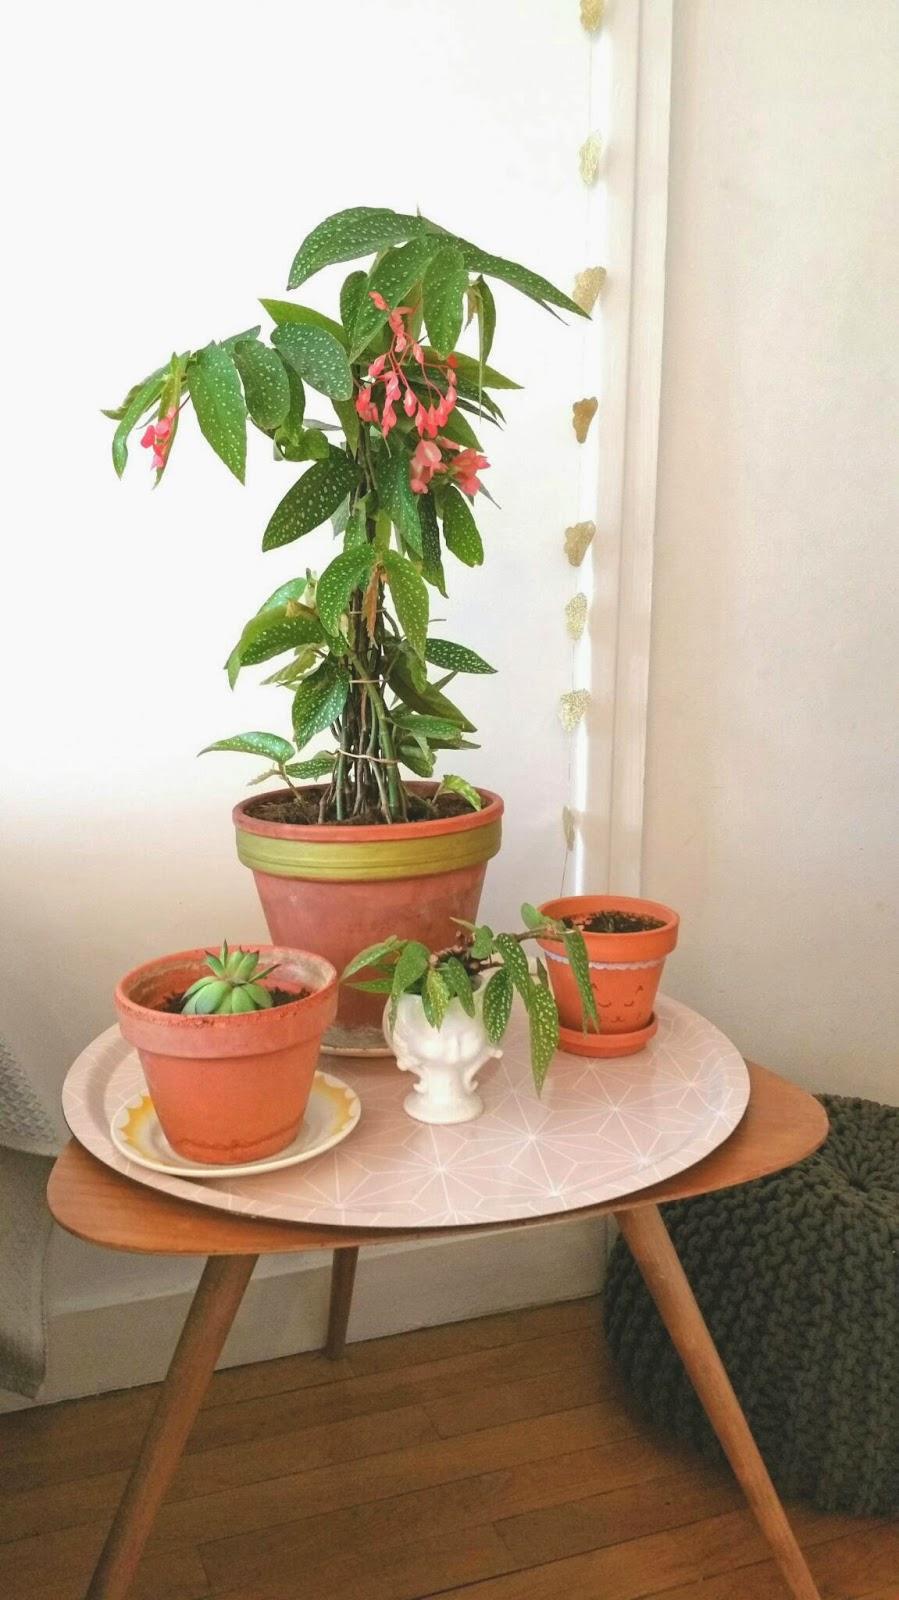 les petites m le tamaya ou b gonia des amoureux plante. Black Bedroom Furniture Sets. Home Design Ideas